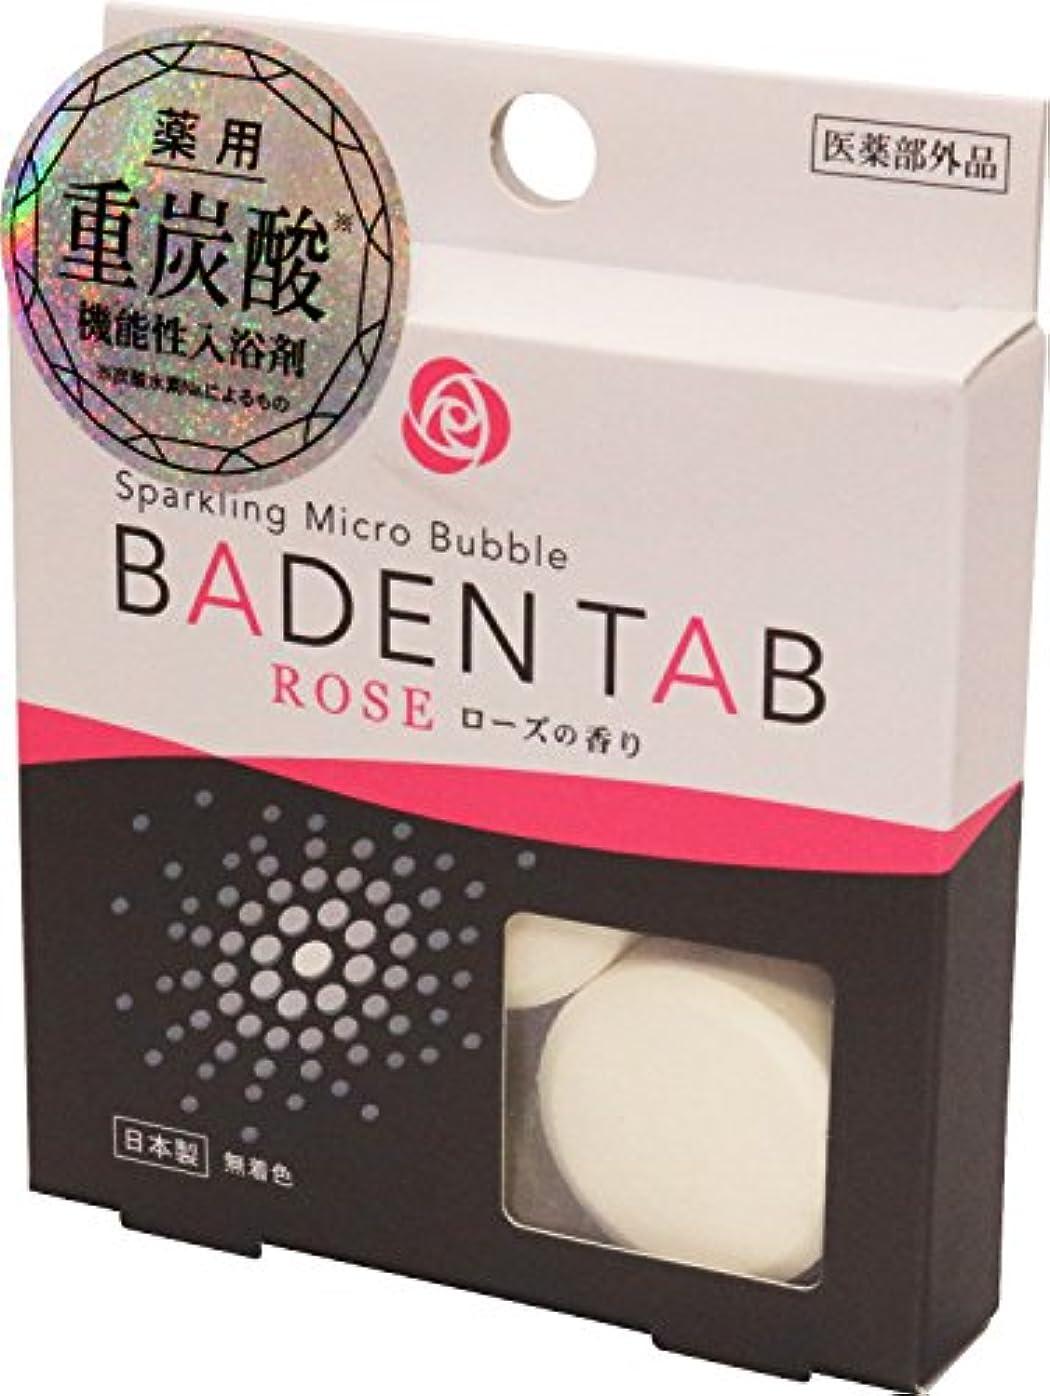 ぼんやりした熱未満紀陽除虫菊 薬用 重炭酸 機能性入浴剤 バーデンタブ ローズの香り 5錠